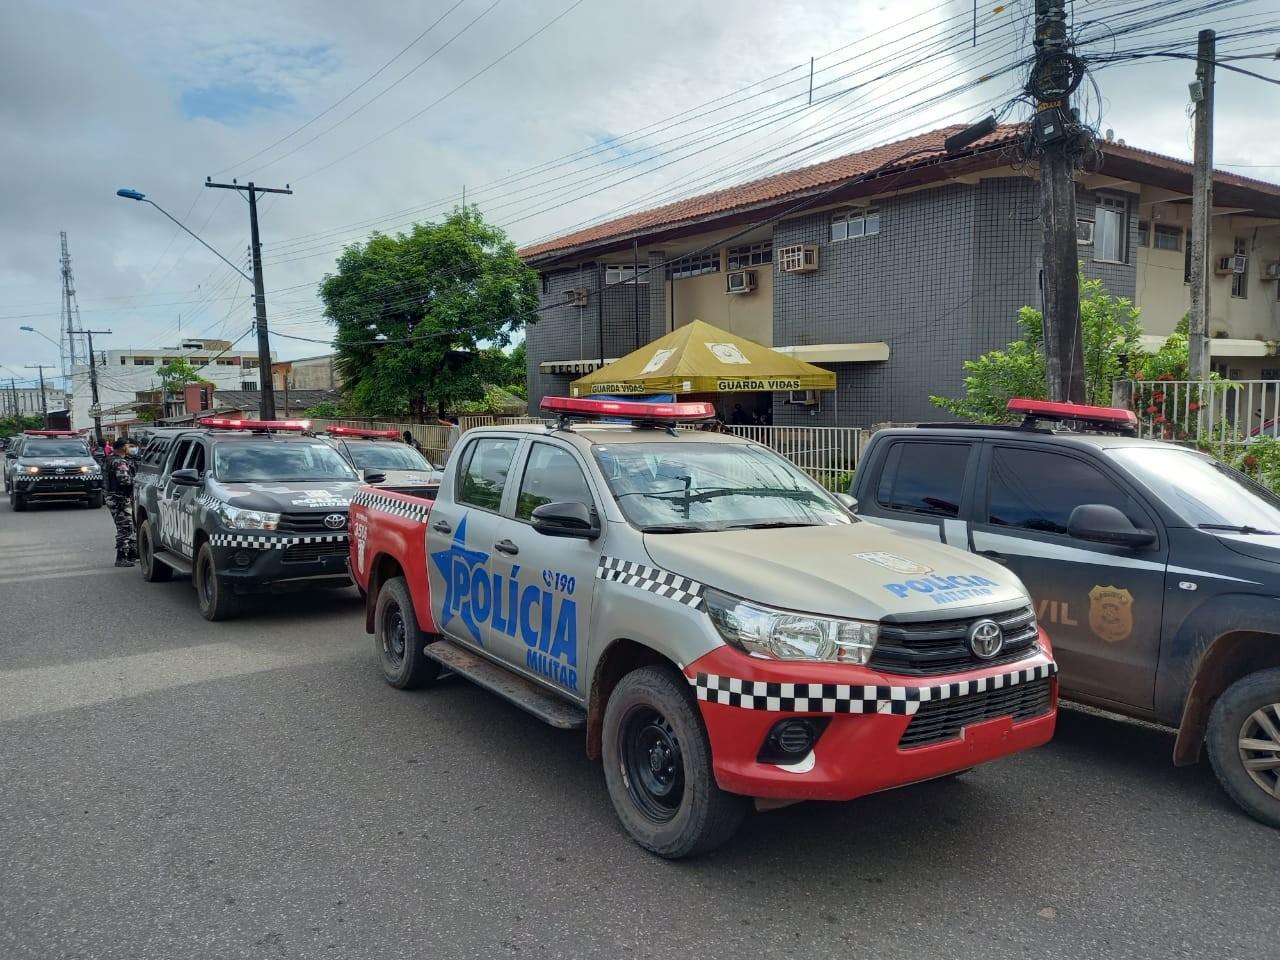 Operação DJ: polícia cumpre mandados contra suspeitos de envolvimento em roubo a joalheria